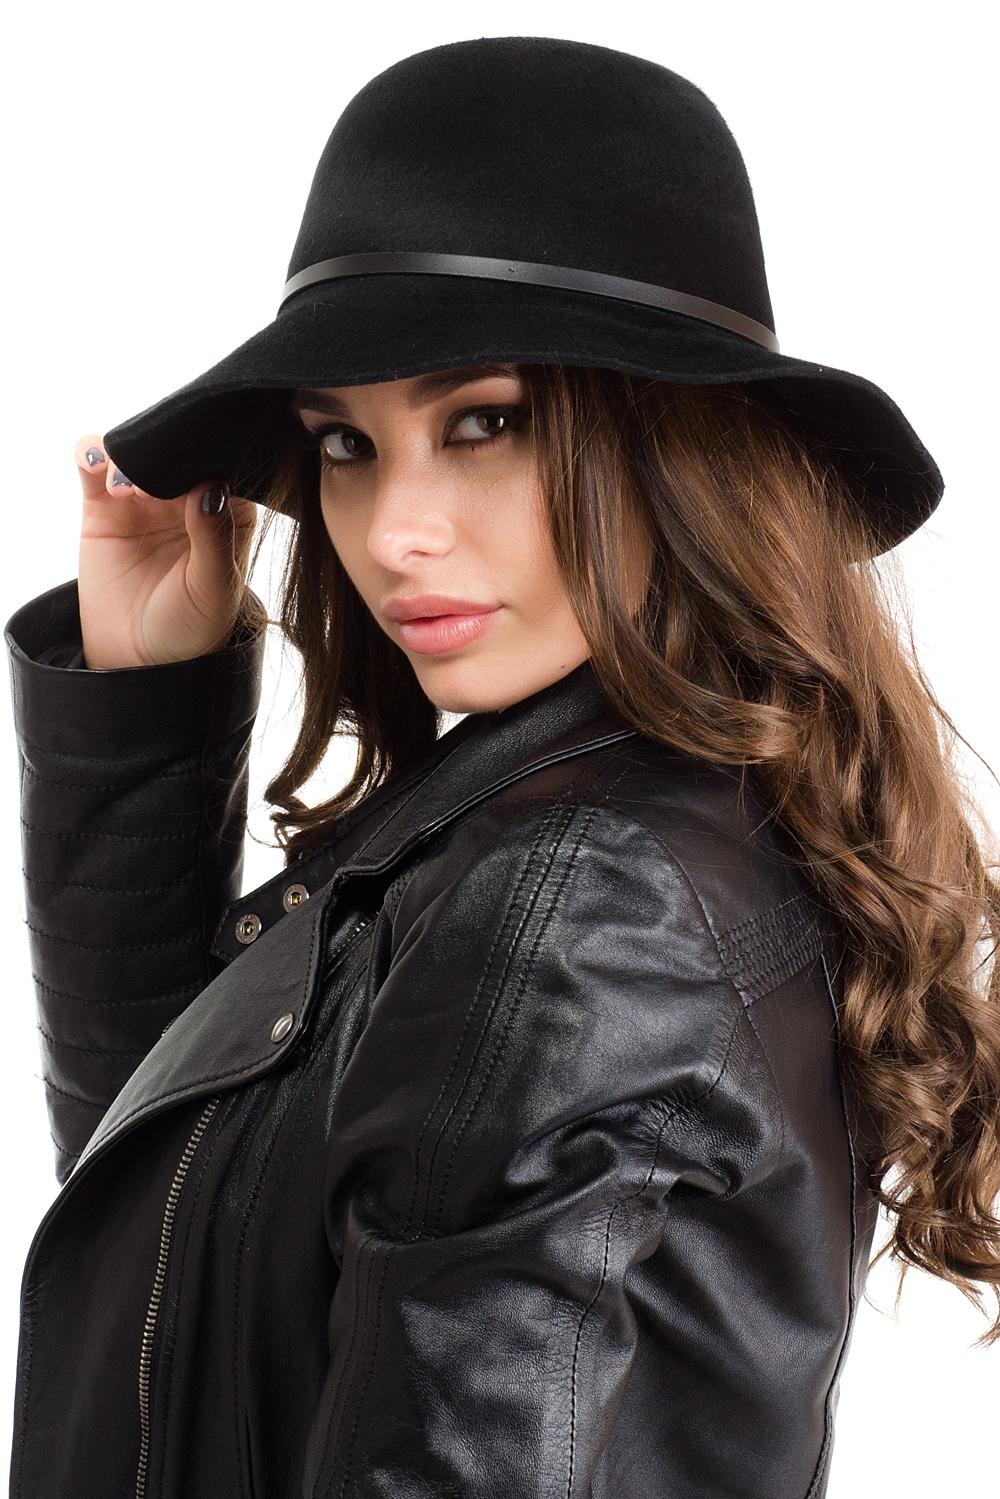 Шляпа женская Moltini, цвет: черный. 141B-1603. Размер 57/58141B-1603Элегантная женская шляпа Moltini, выполненная из натуральной шерсти, дополнит любой образ. Модель с широкими полями и высокой тульей. Шляпа-клош по тулье оформлена тонким кожаным ремешком на металлической заклепочке. Внутри модель дополнена плотной тесьмой для комфортной посадки изделия по голове. Аккуратные поля шляпы придадут вашему образу таинственности и шарма. Такая шляпа подчеркнет вашу неповторимость и прекрасный вкус.